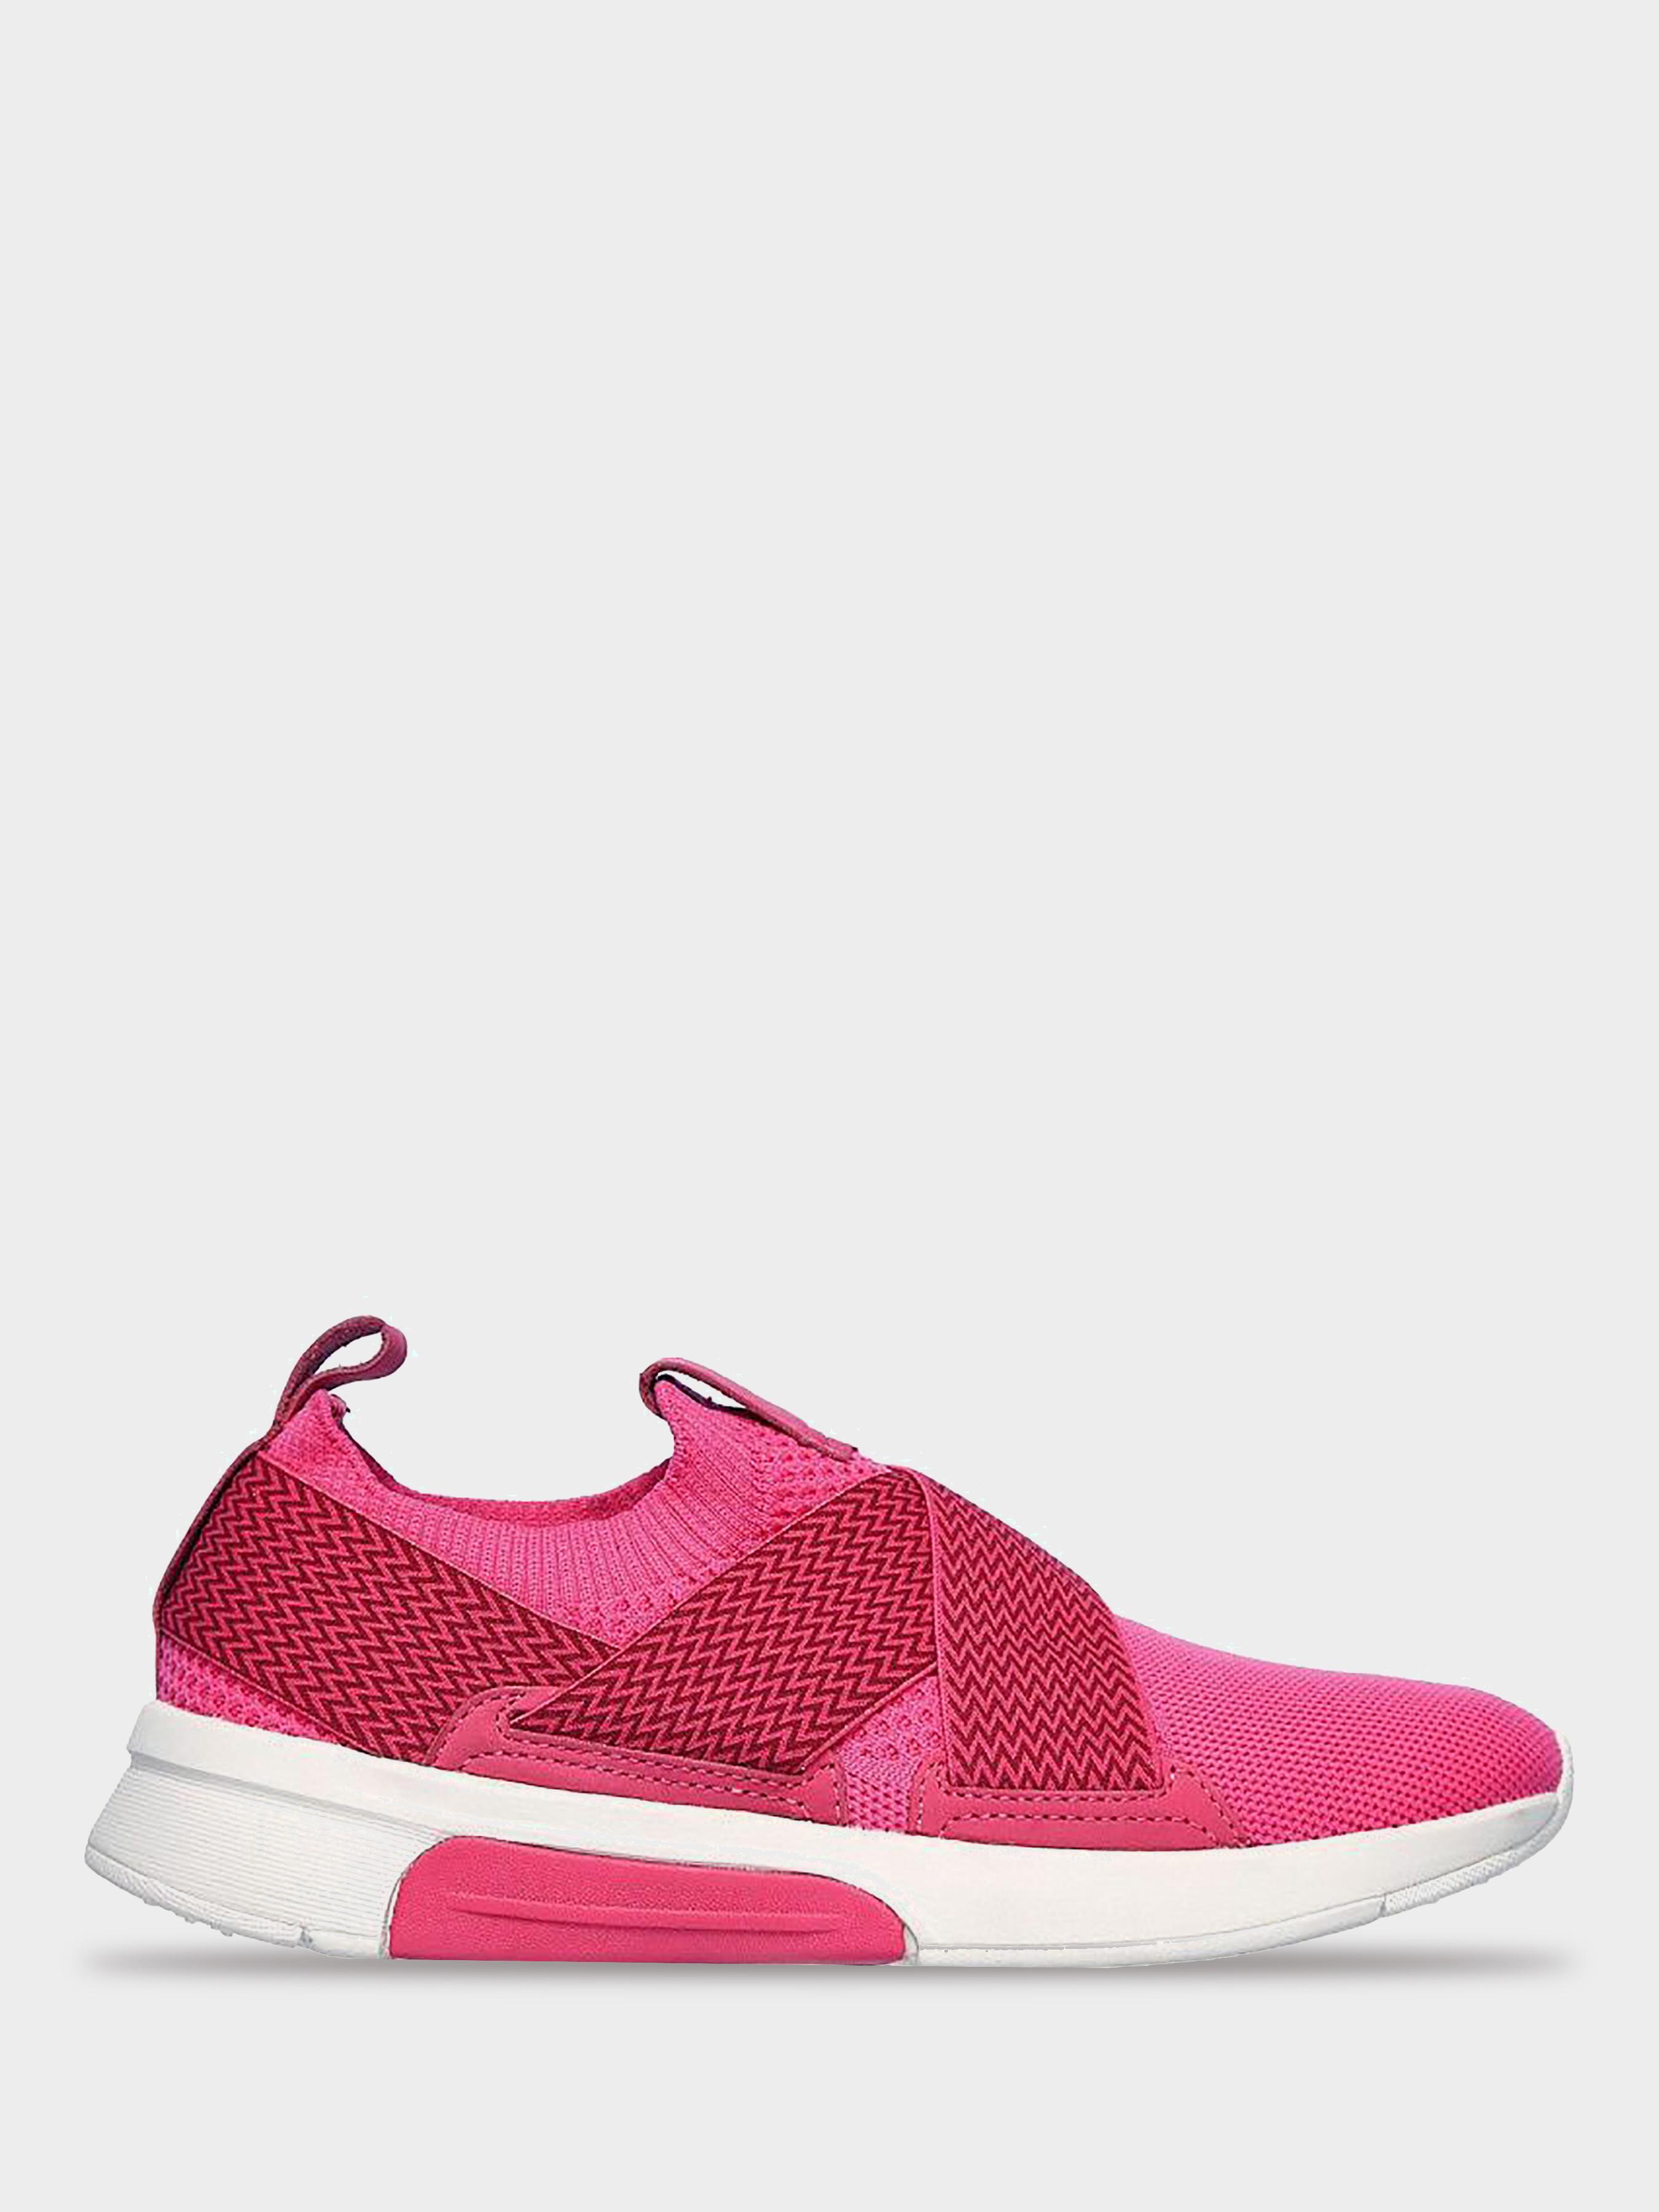 Купить Кроссовки женские Skechers KW4847, Розовый